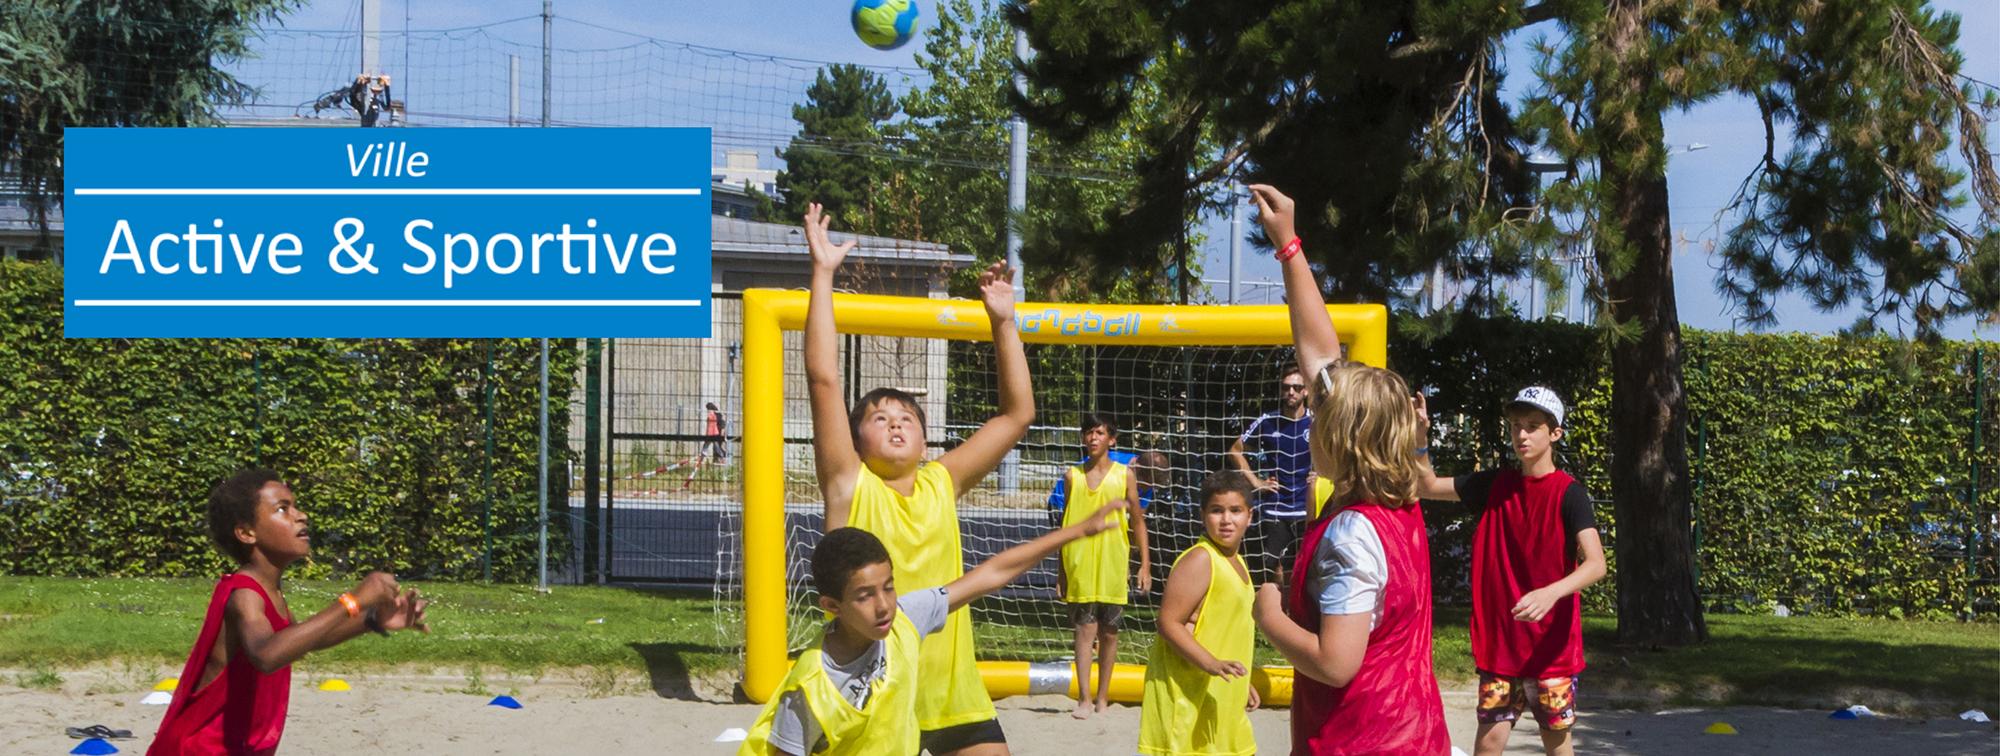 Saint-Louis décroche <br> le label « Ville active <br> et sportive »